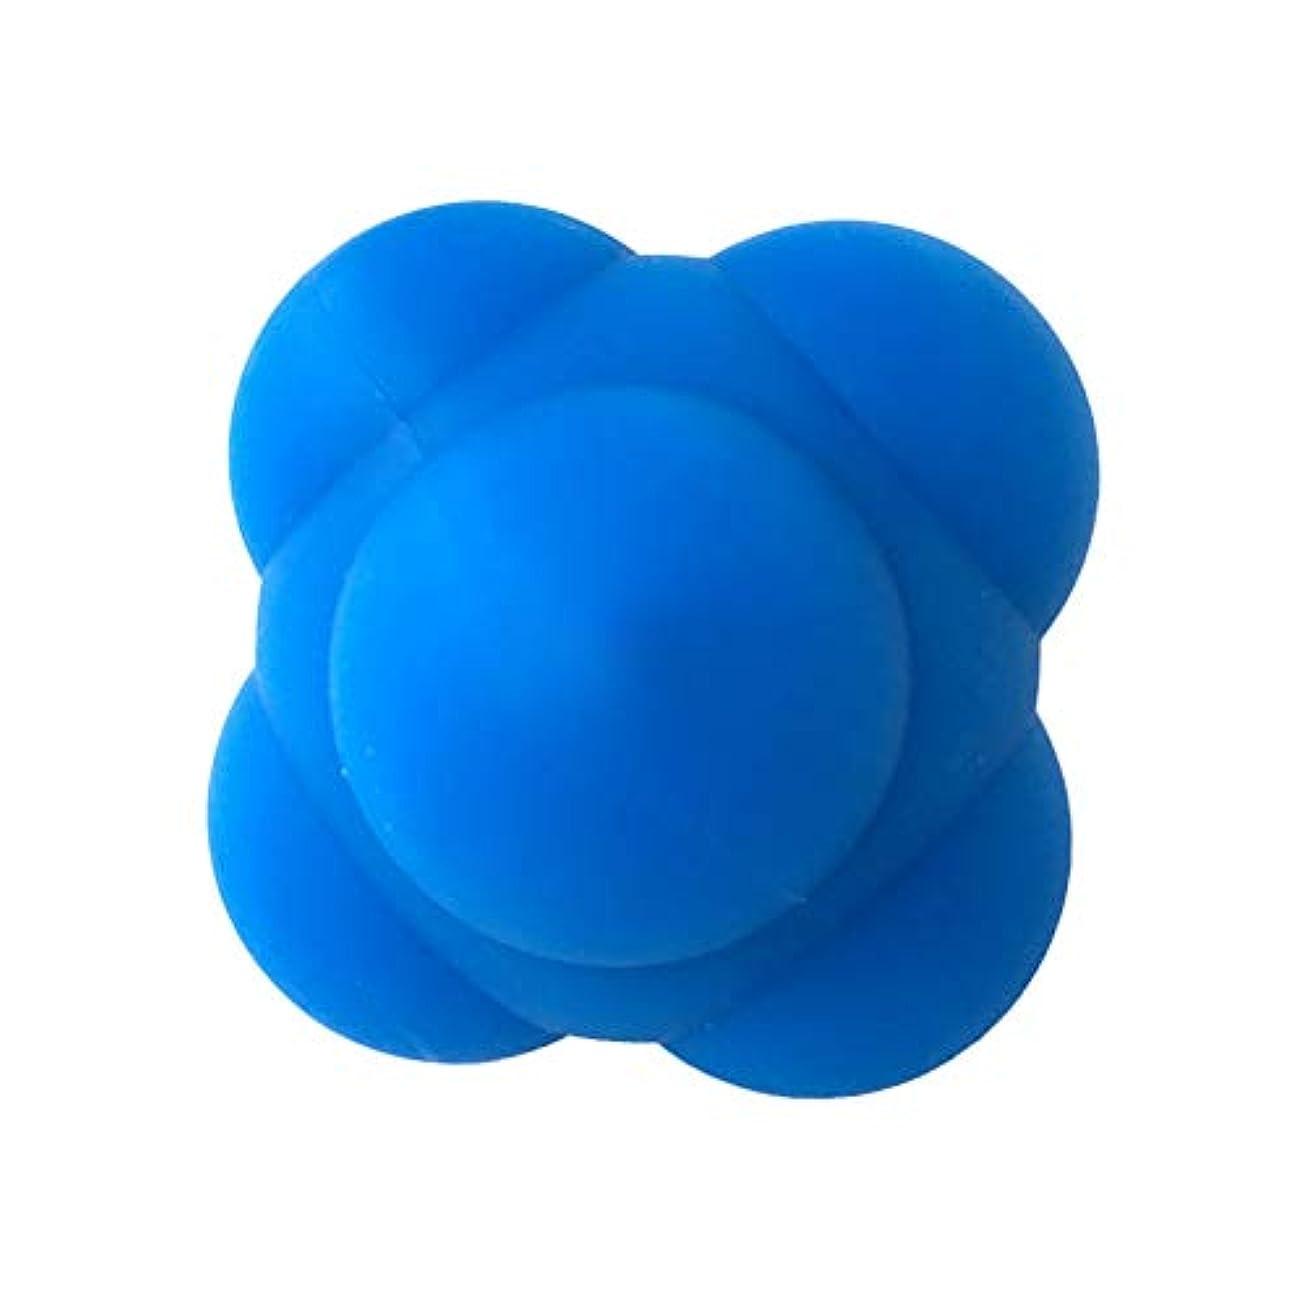 立方体夜間さわやかSUPVOX 野球 練習用品 トレーニングボール ヘキサゴンボール リアクションボール スポーツボール6cm(青)